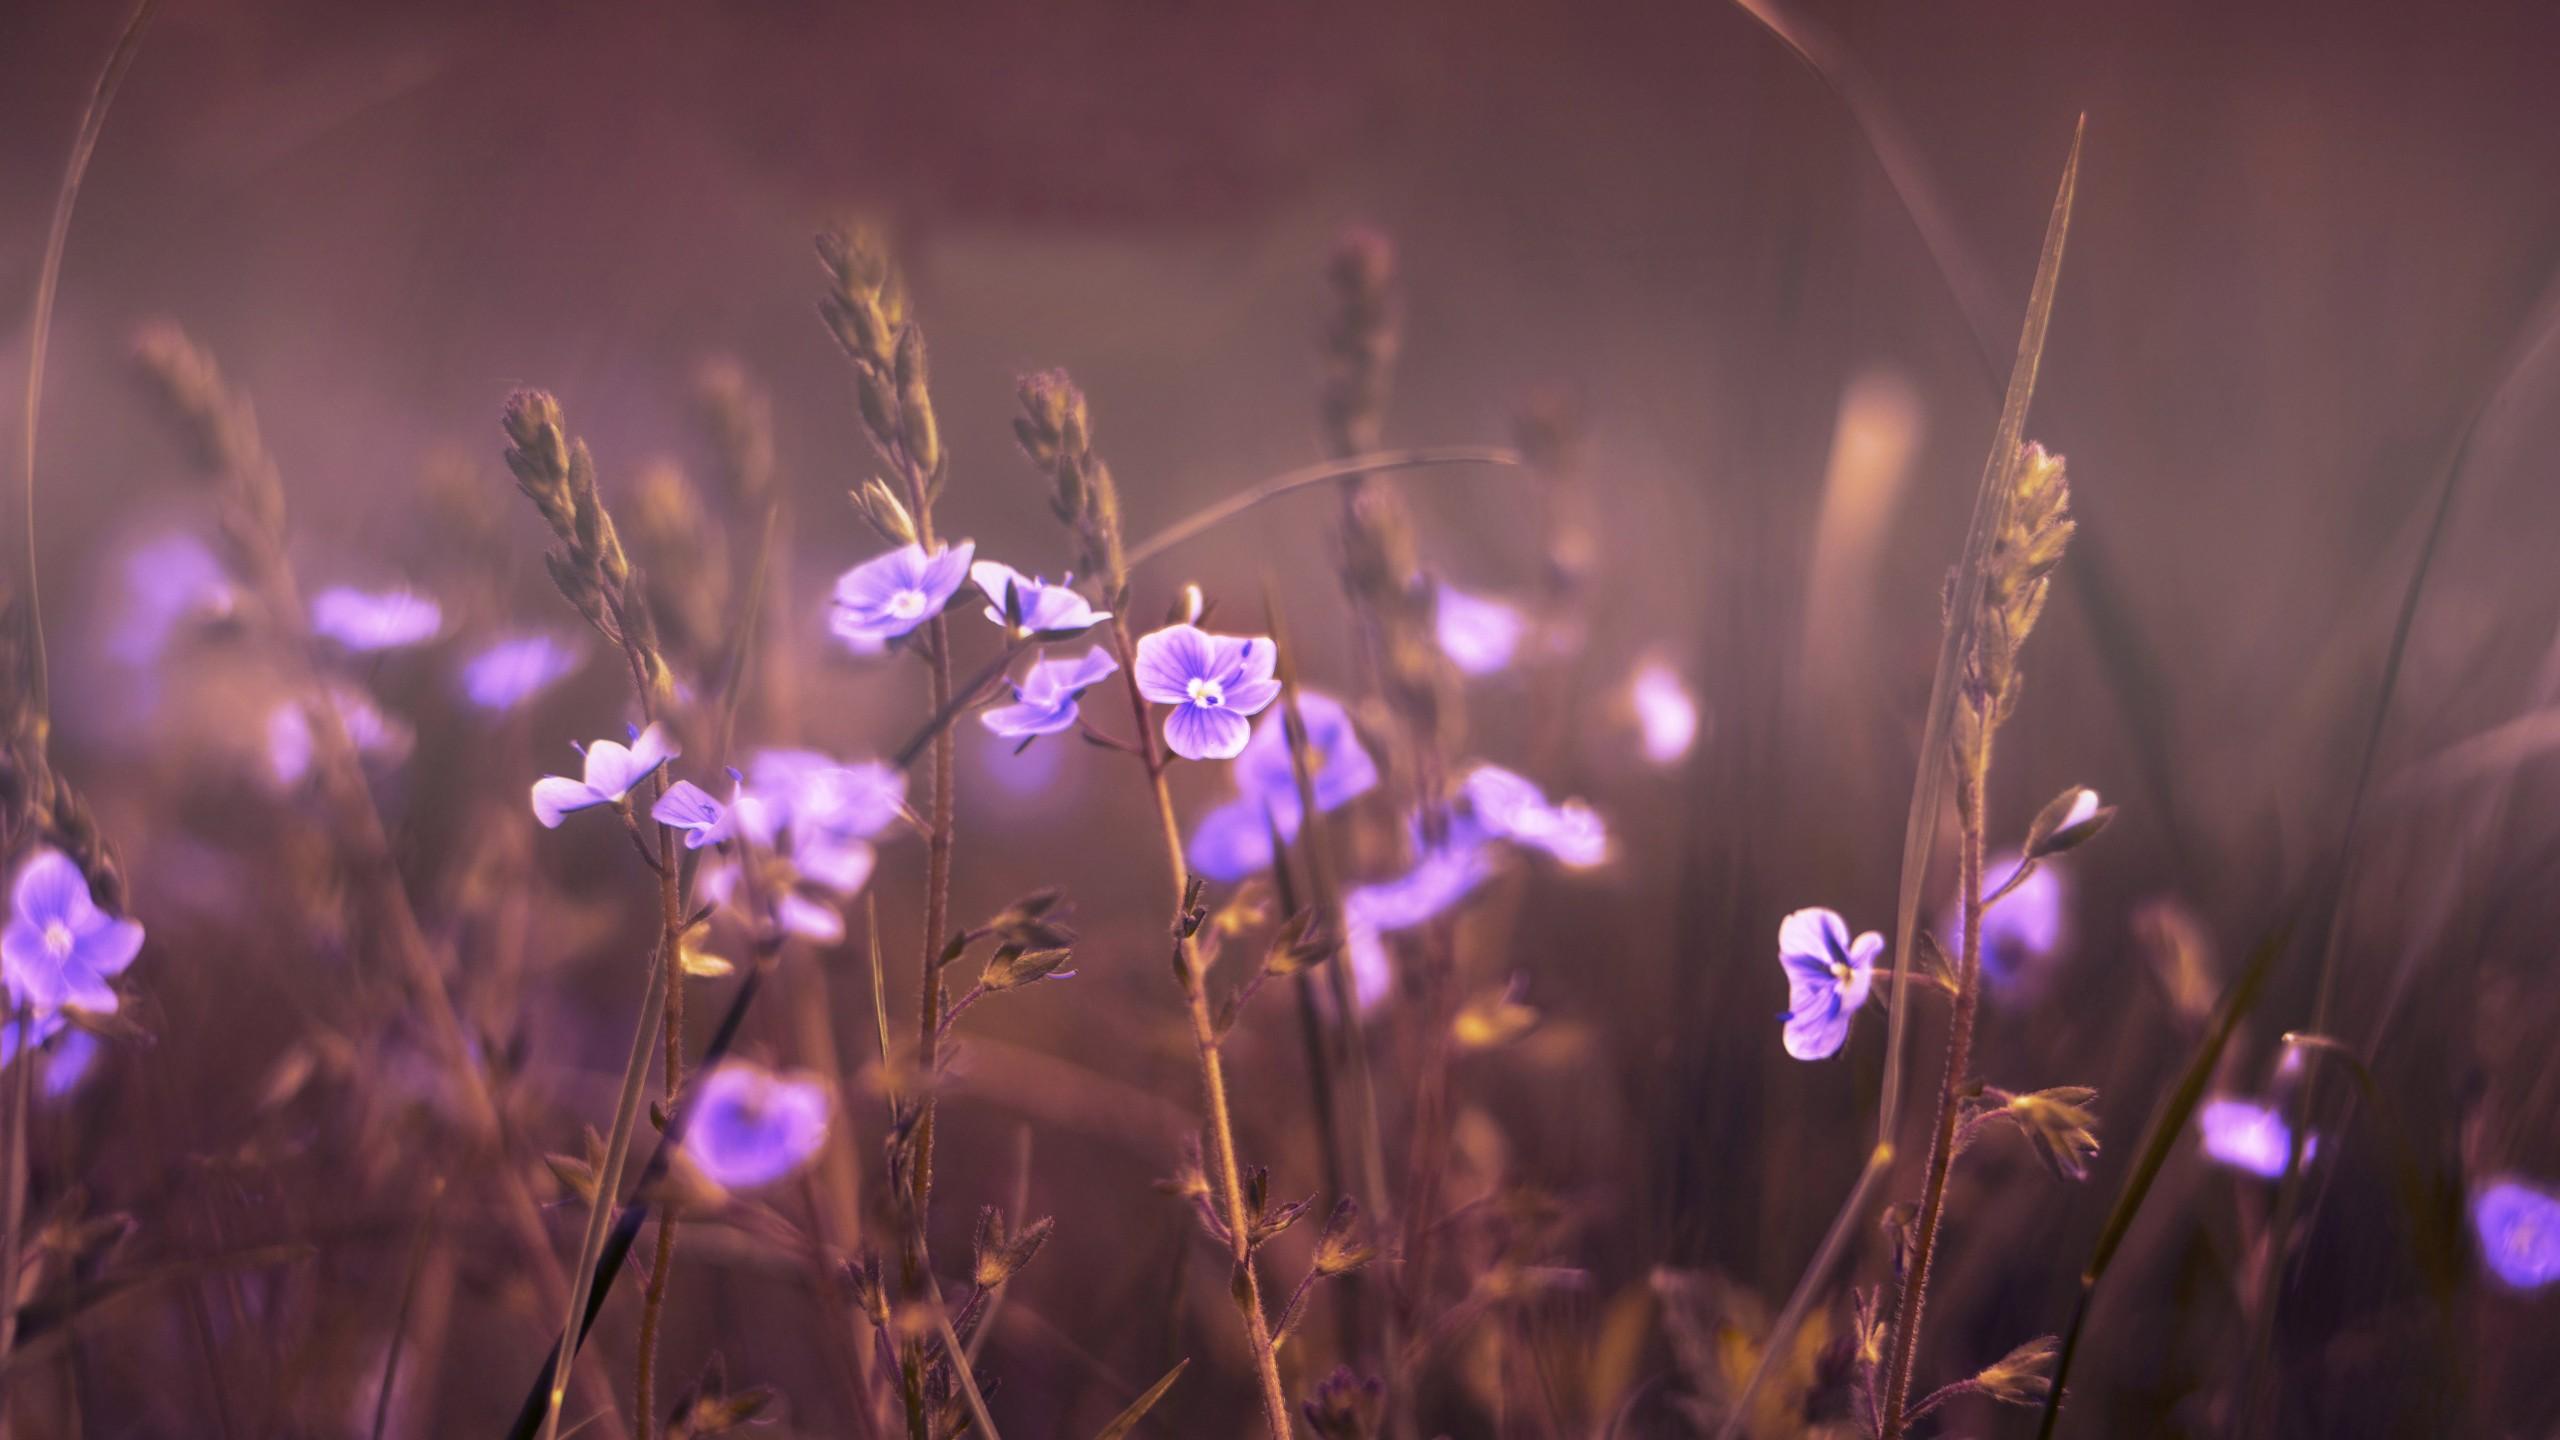 Www 3d Flower Wallpaper Com 4k Flower Wallpapers 11 Widescreen Wallpaper